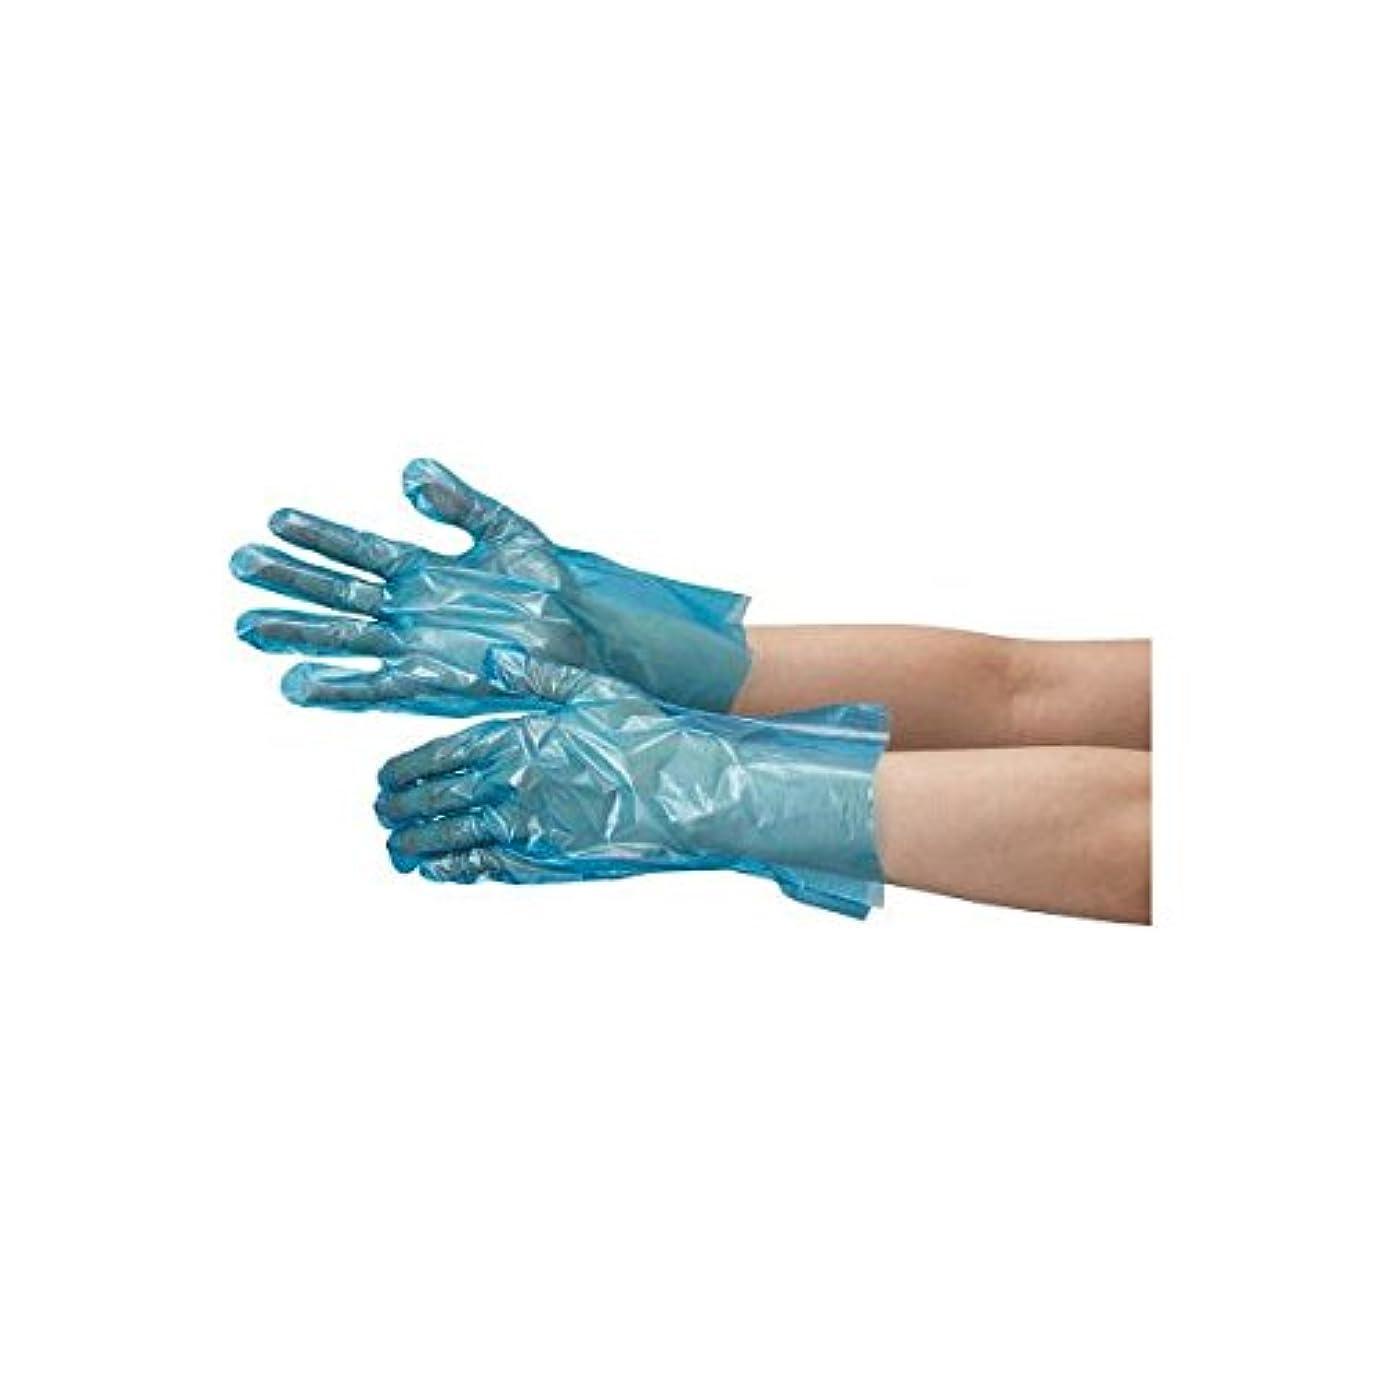 共和国弱い訪問ミドリ安全/ミドリ安全 ポリエチレン使い捨て手袋 片エンボス 200枚入 青 L(3888851) VERTE-504-L [その他]